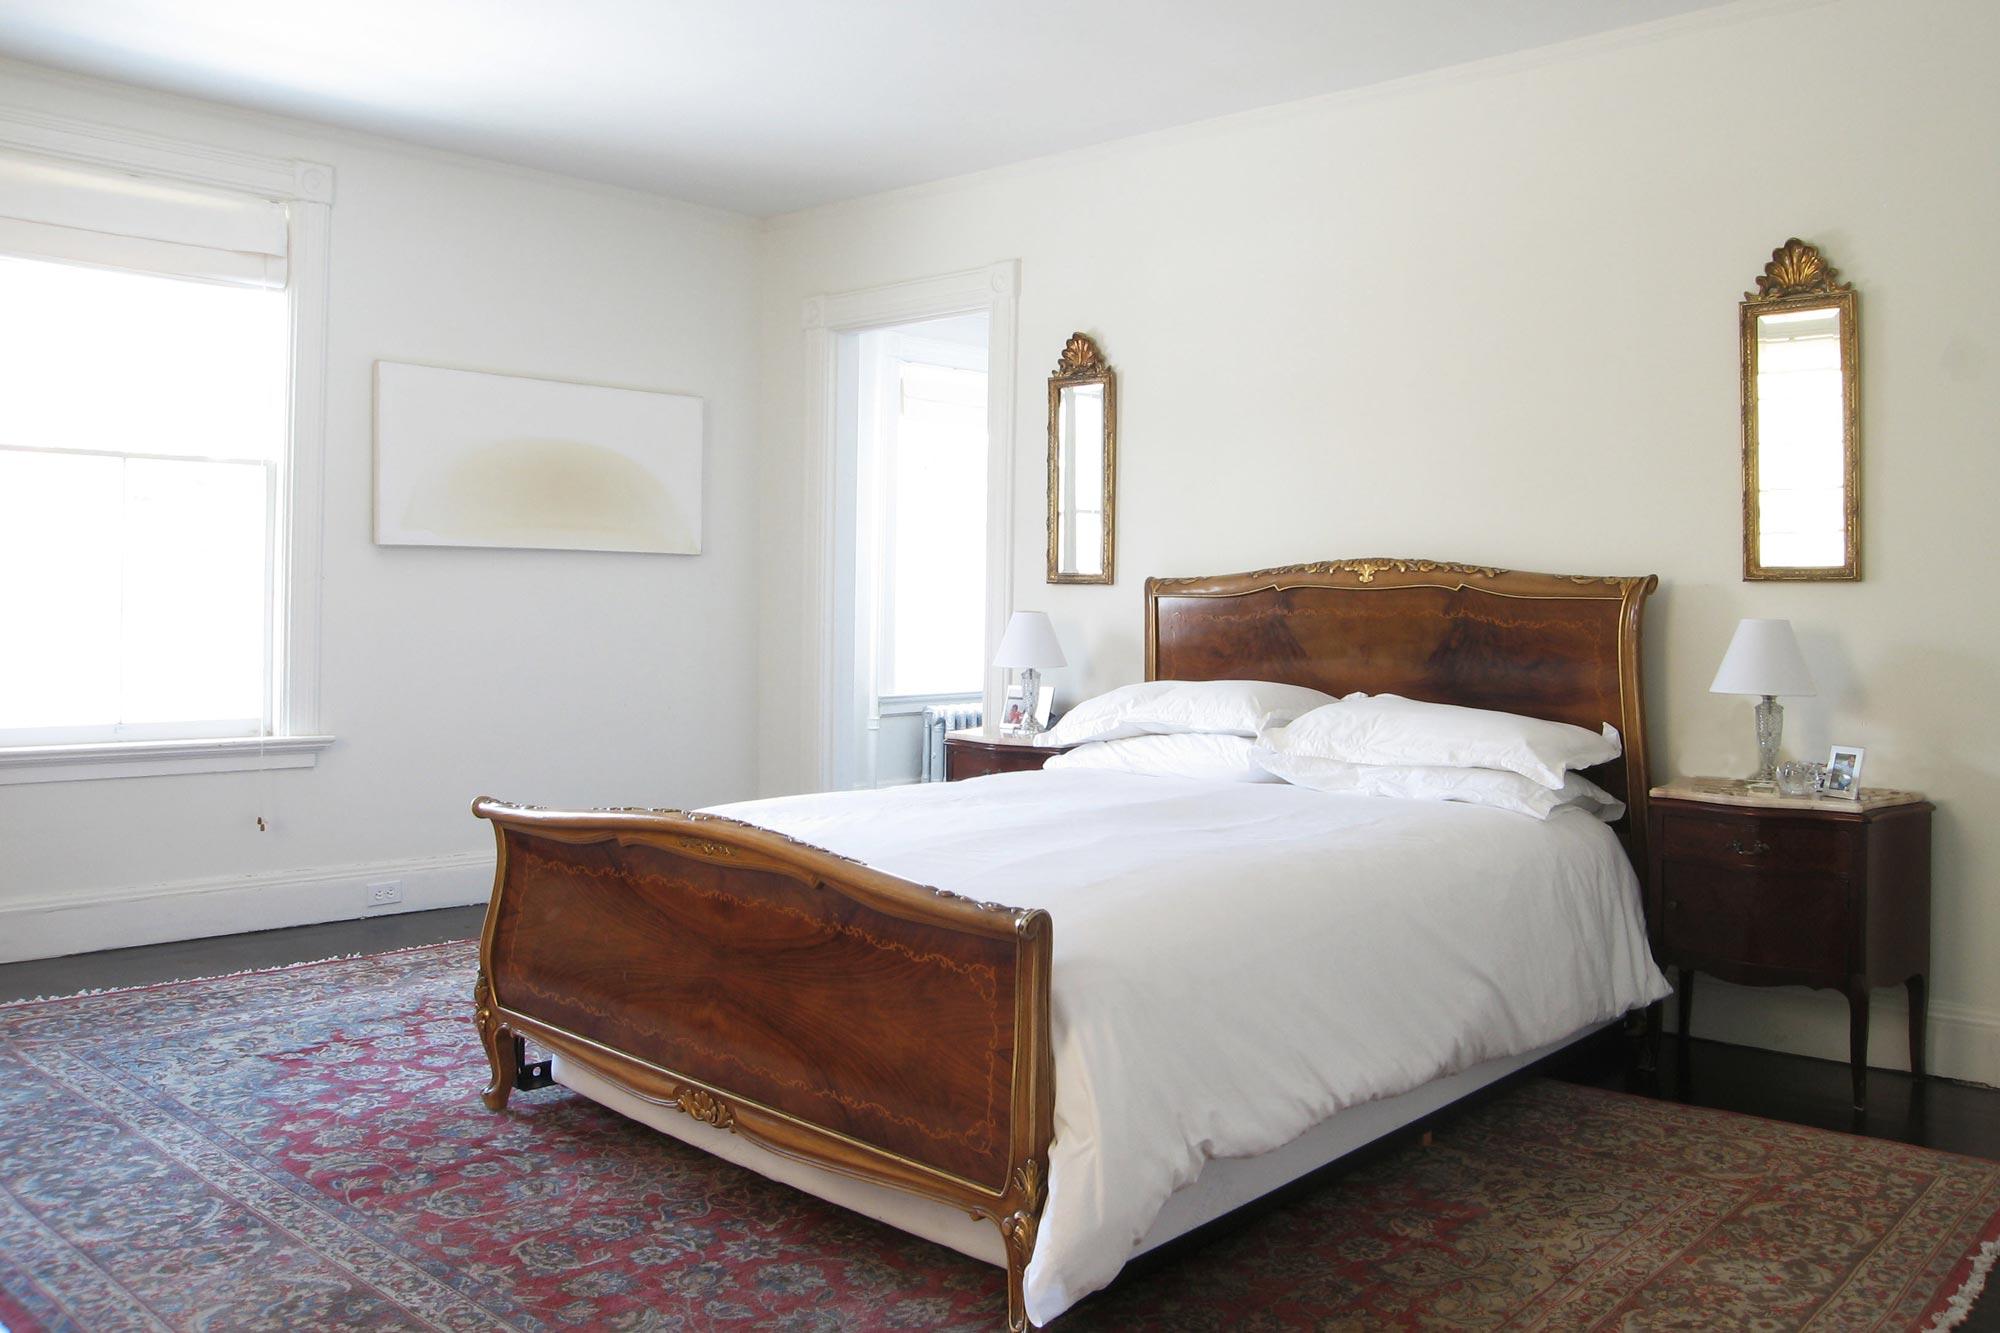 T-master-bedroom.jpg